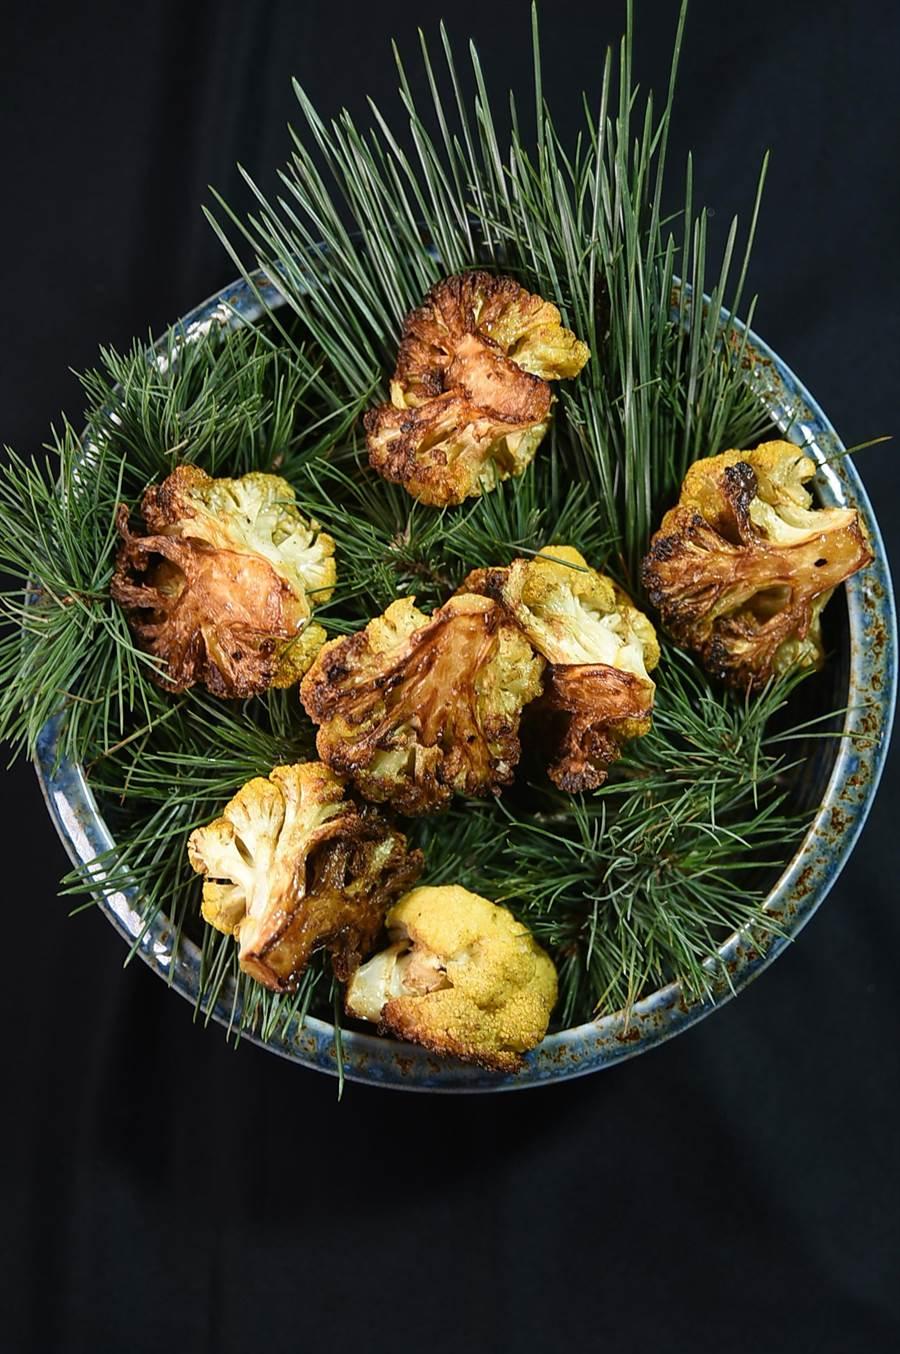 〈黃花椰菜-綠莎莎醬-蓓夏美-起士〉是JamesSharman到聖母峰旅遊時得到創作靈感,以當地盛產的黃花椰菜結合松葉表現。(圖/姚舜)